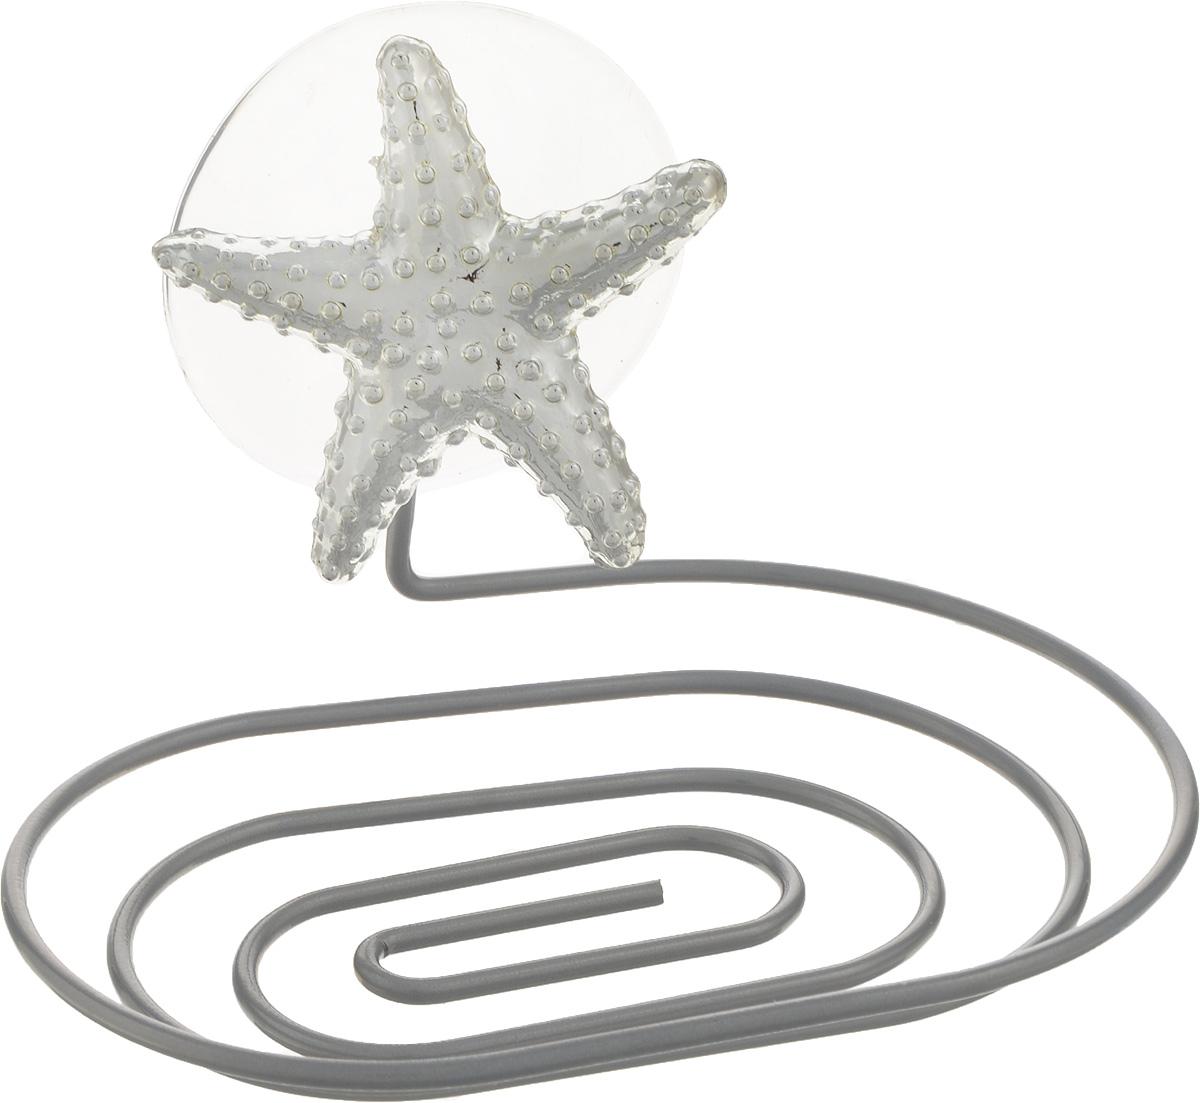 Мыльница Fresh Code Море. Звезда, на присоске, цвет: серебристый, 14 х 10 х 5,5 см68/5/3Мыльница Fresh Code Море. Звезда выполнена из хромированной стали и украшена пластиковой фигуркой морской звезды. Изделие крепится к стене при помощи присоски. Такая мыльница прекрасно подойдет для ванной комнаты или кухни.Диаметр: 14 х 10 х 5,5 см.